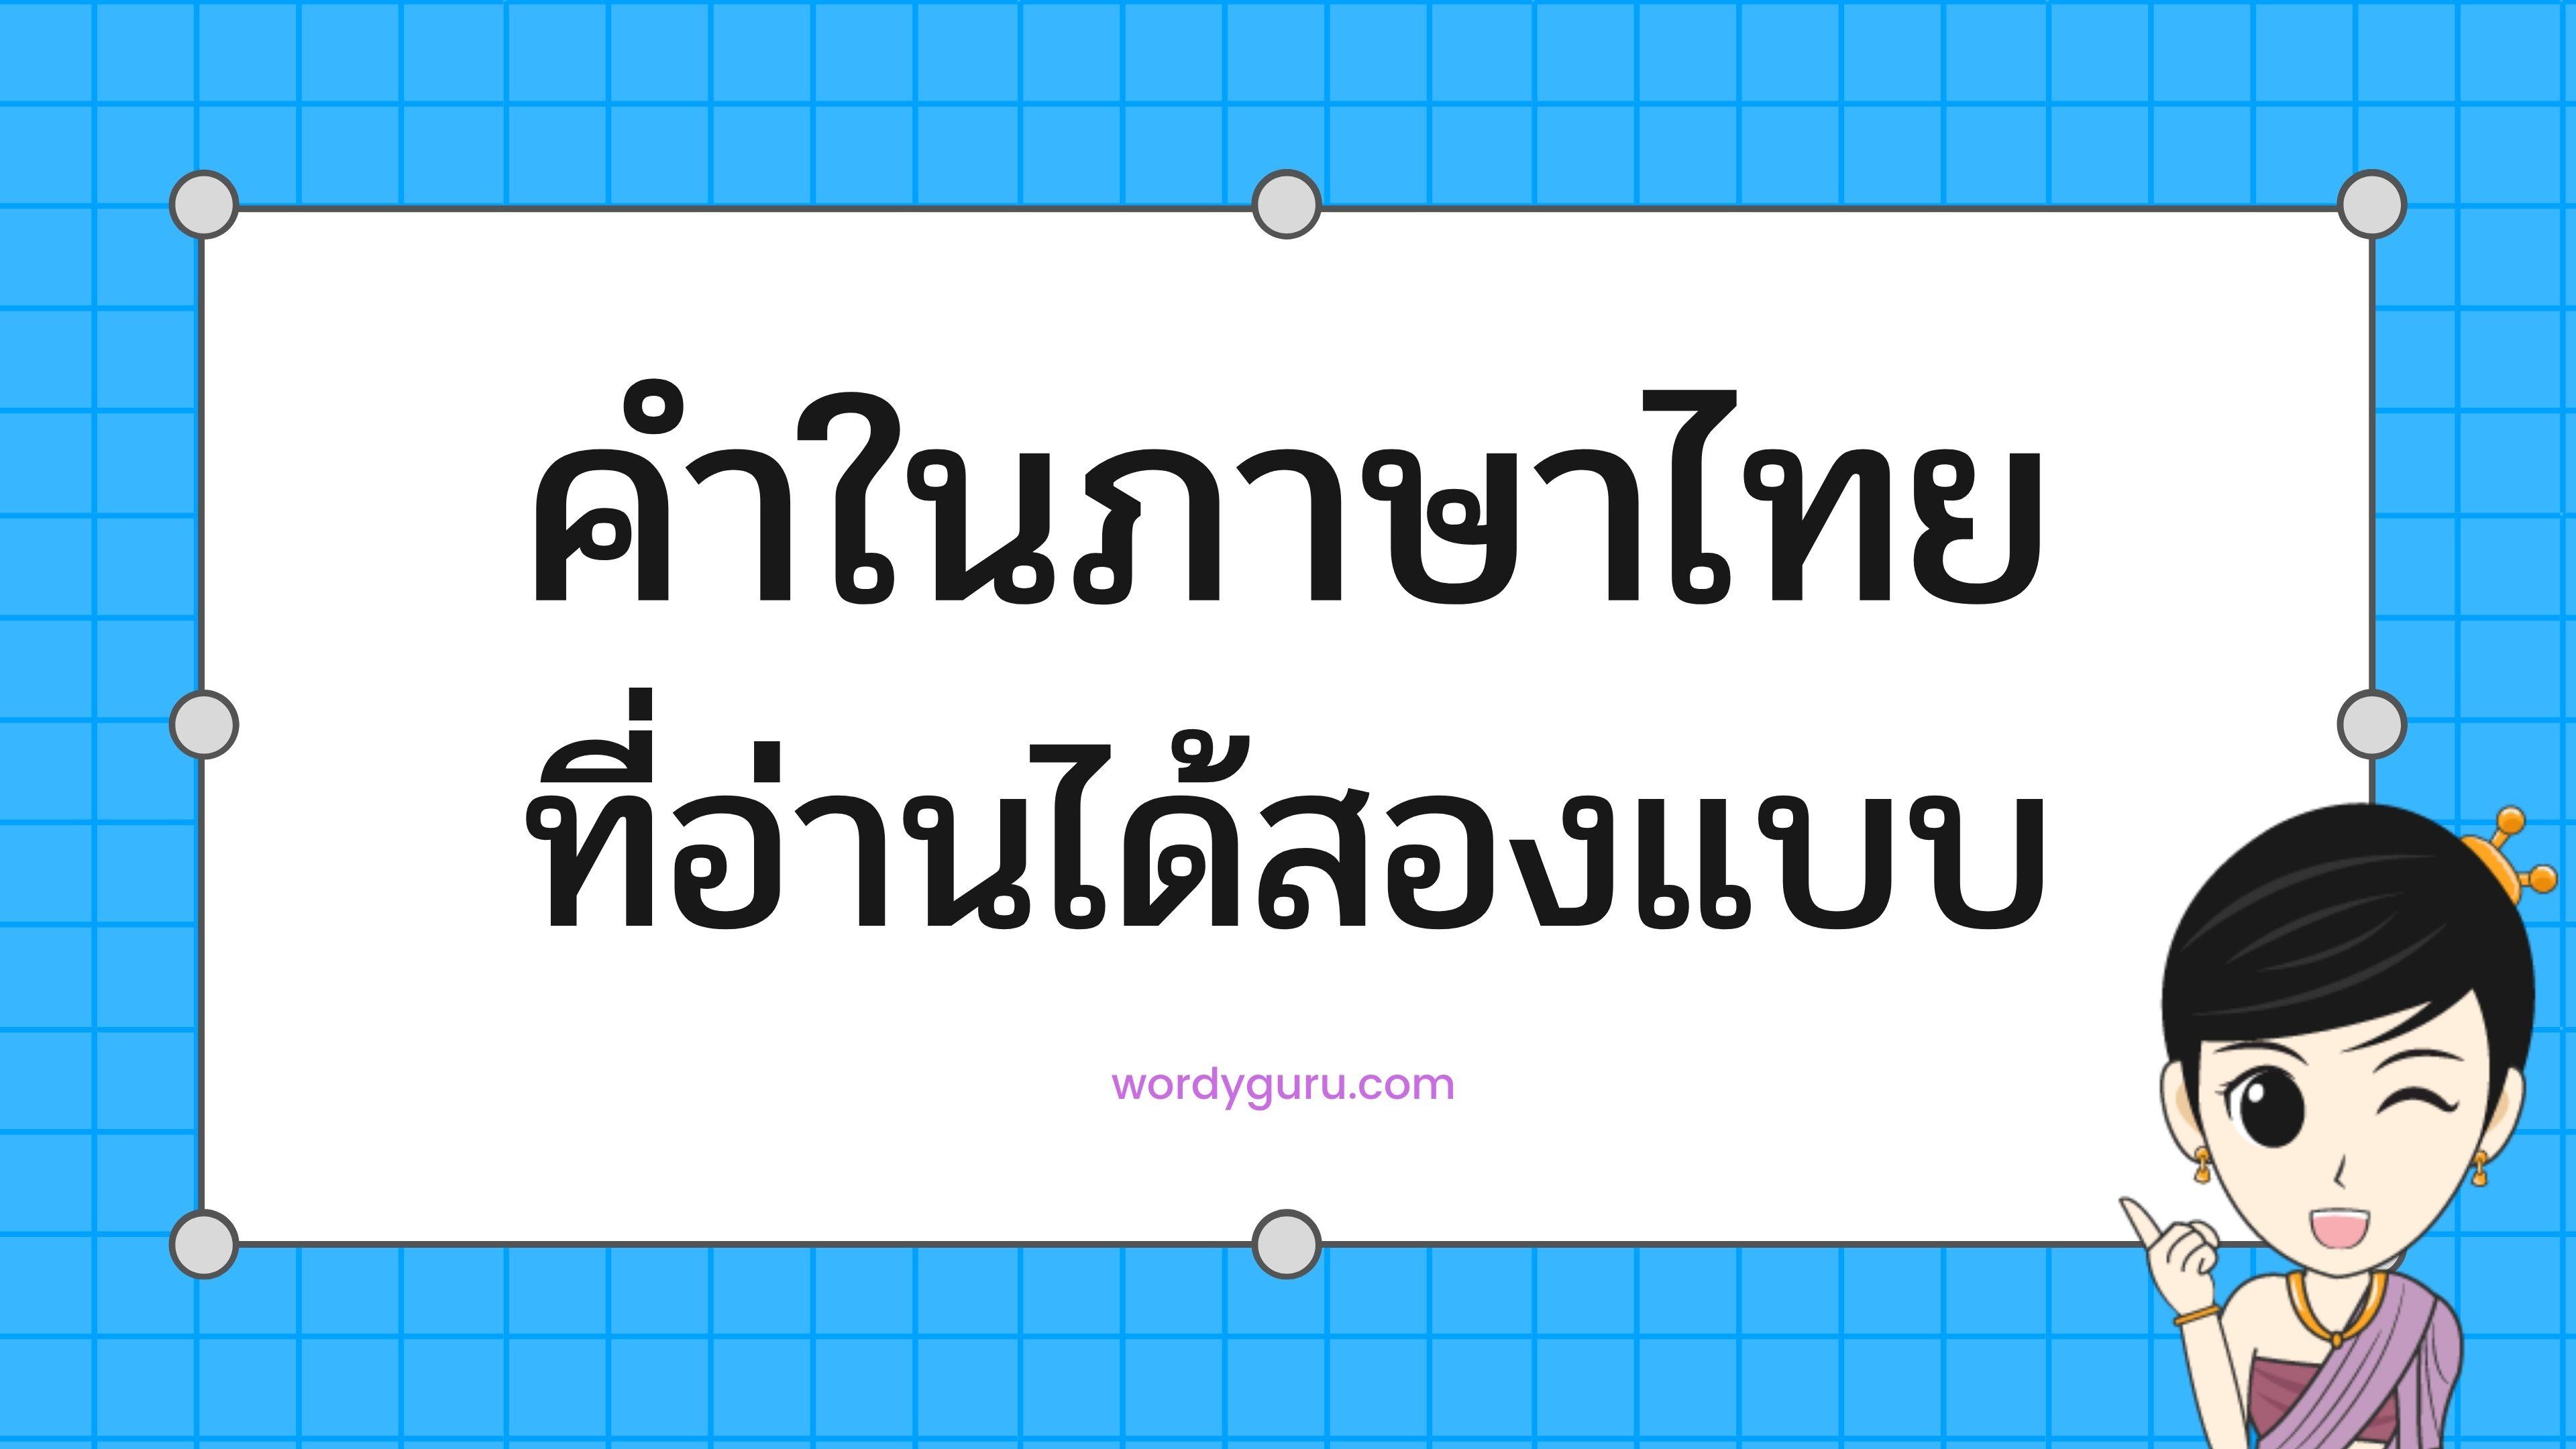 คำในภาษาไทยที่อ่านได้สองแบบ